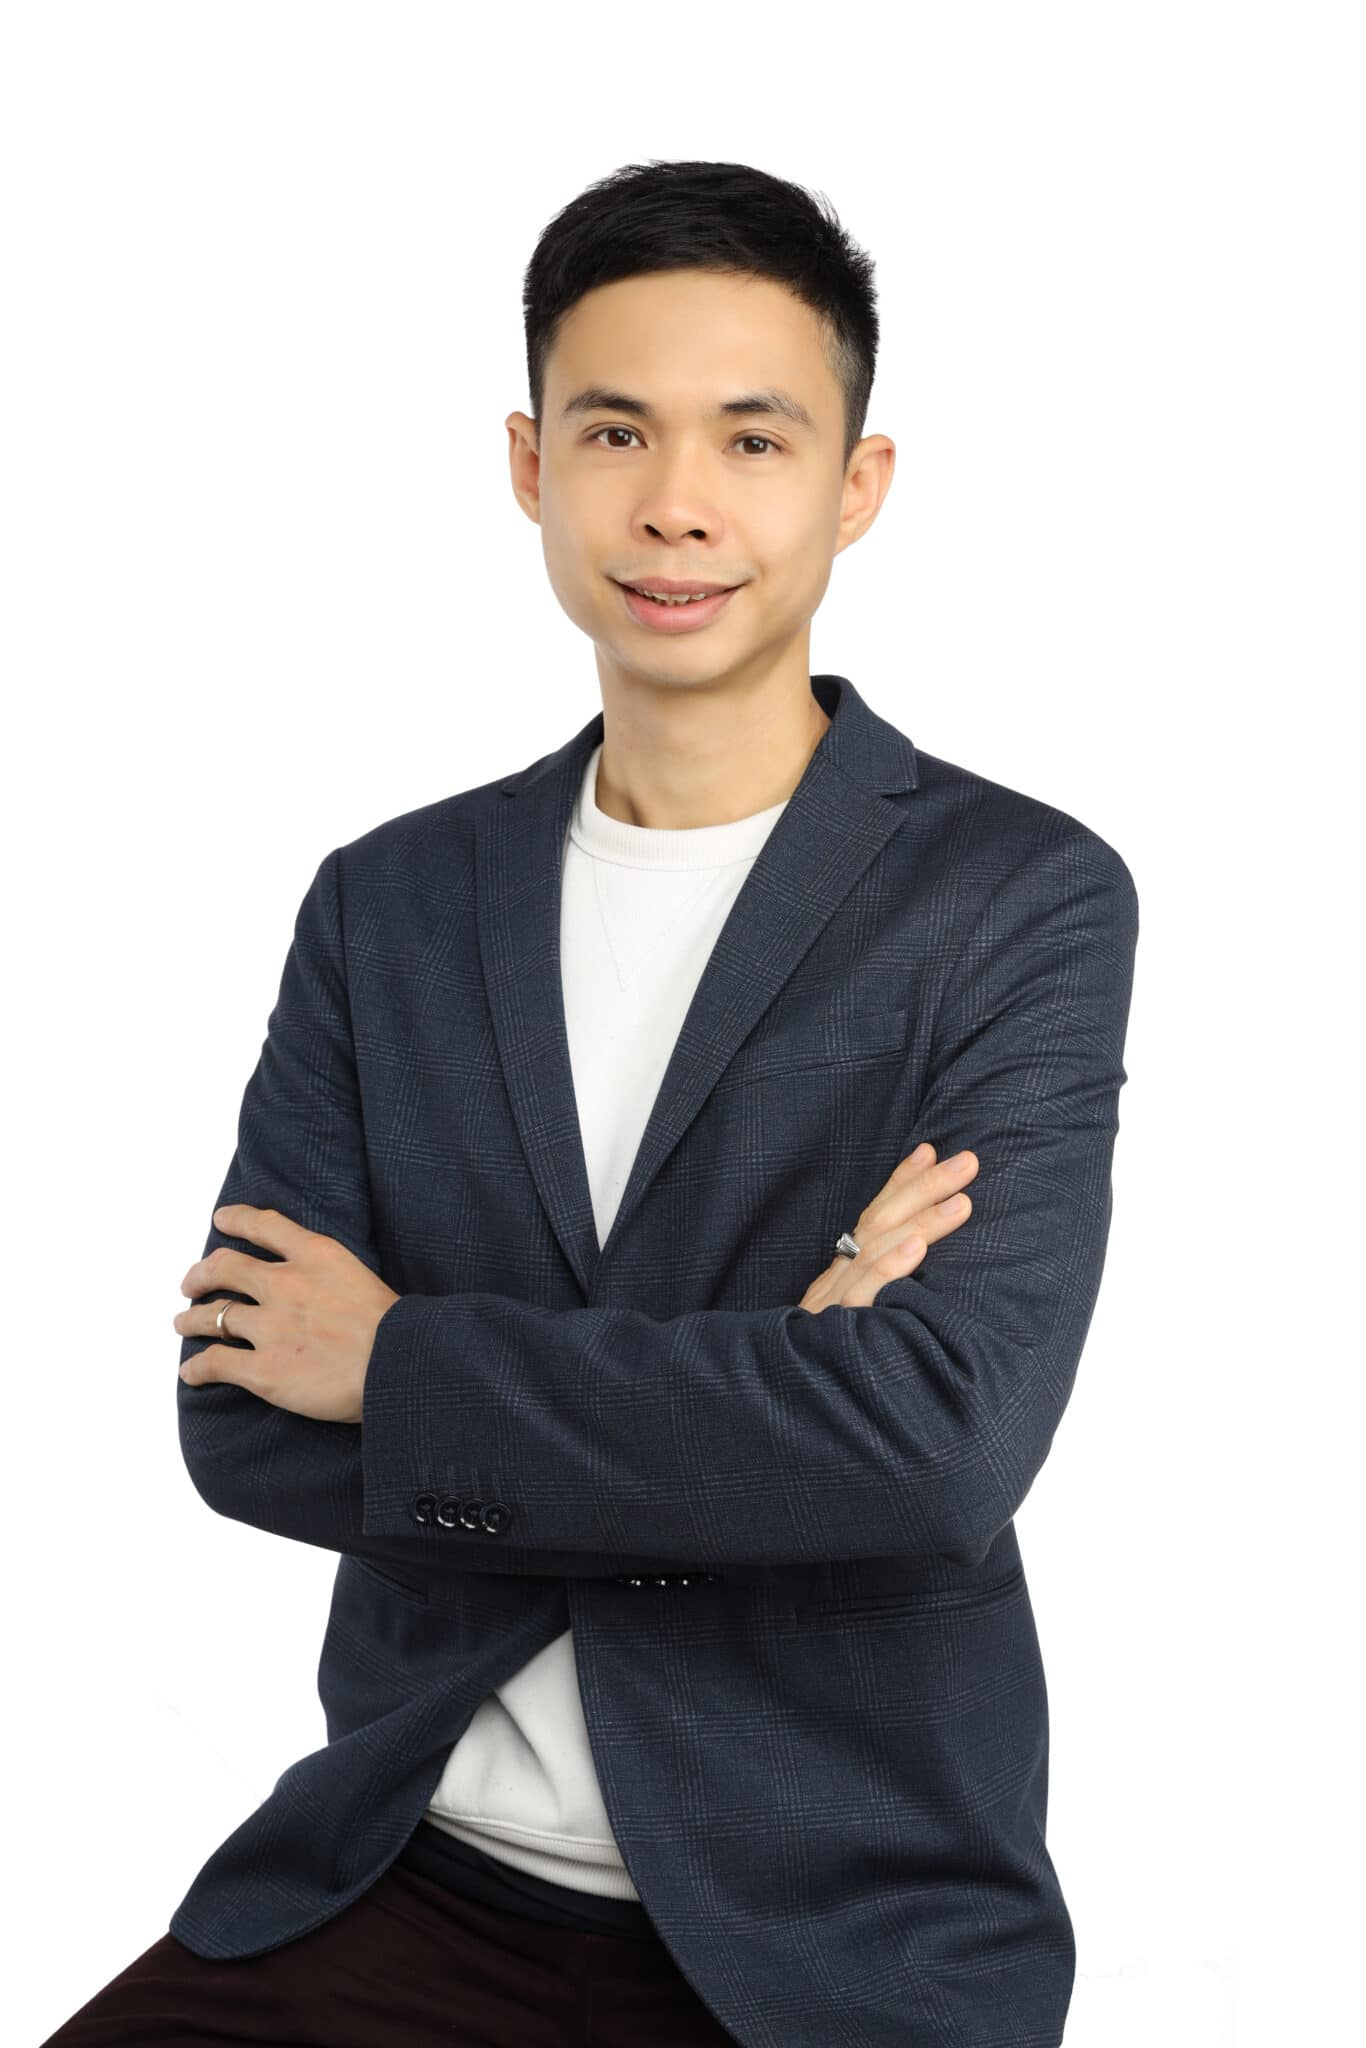 Raymond Chan Piloto Asia